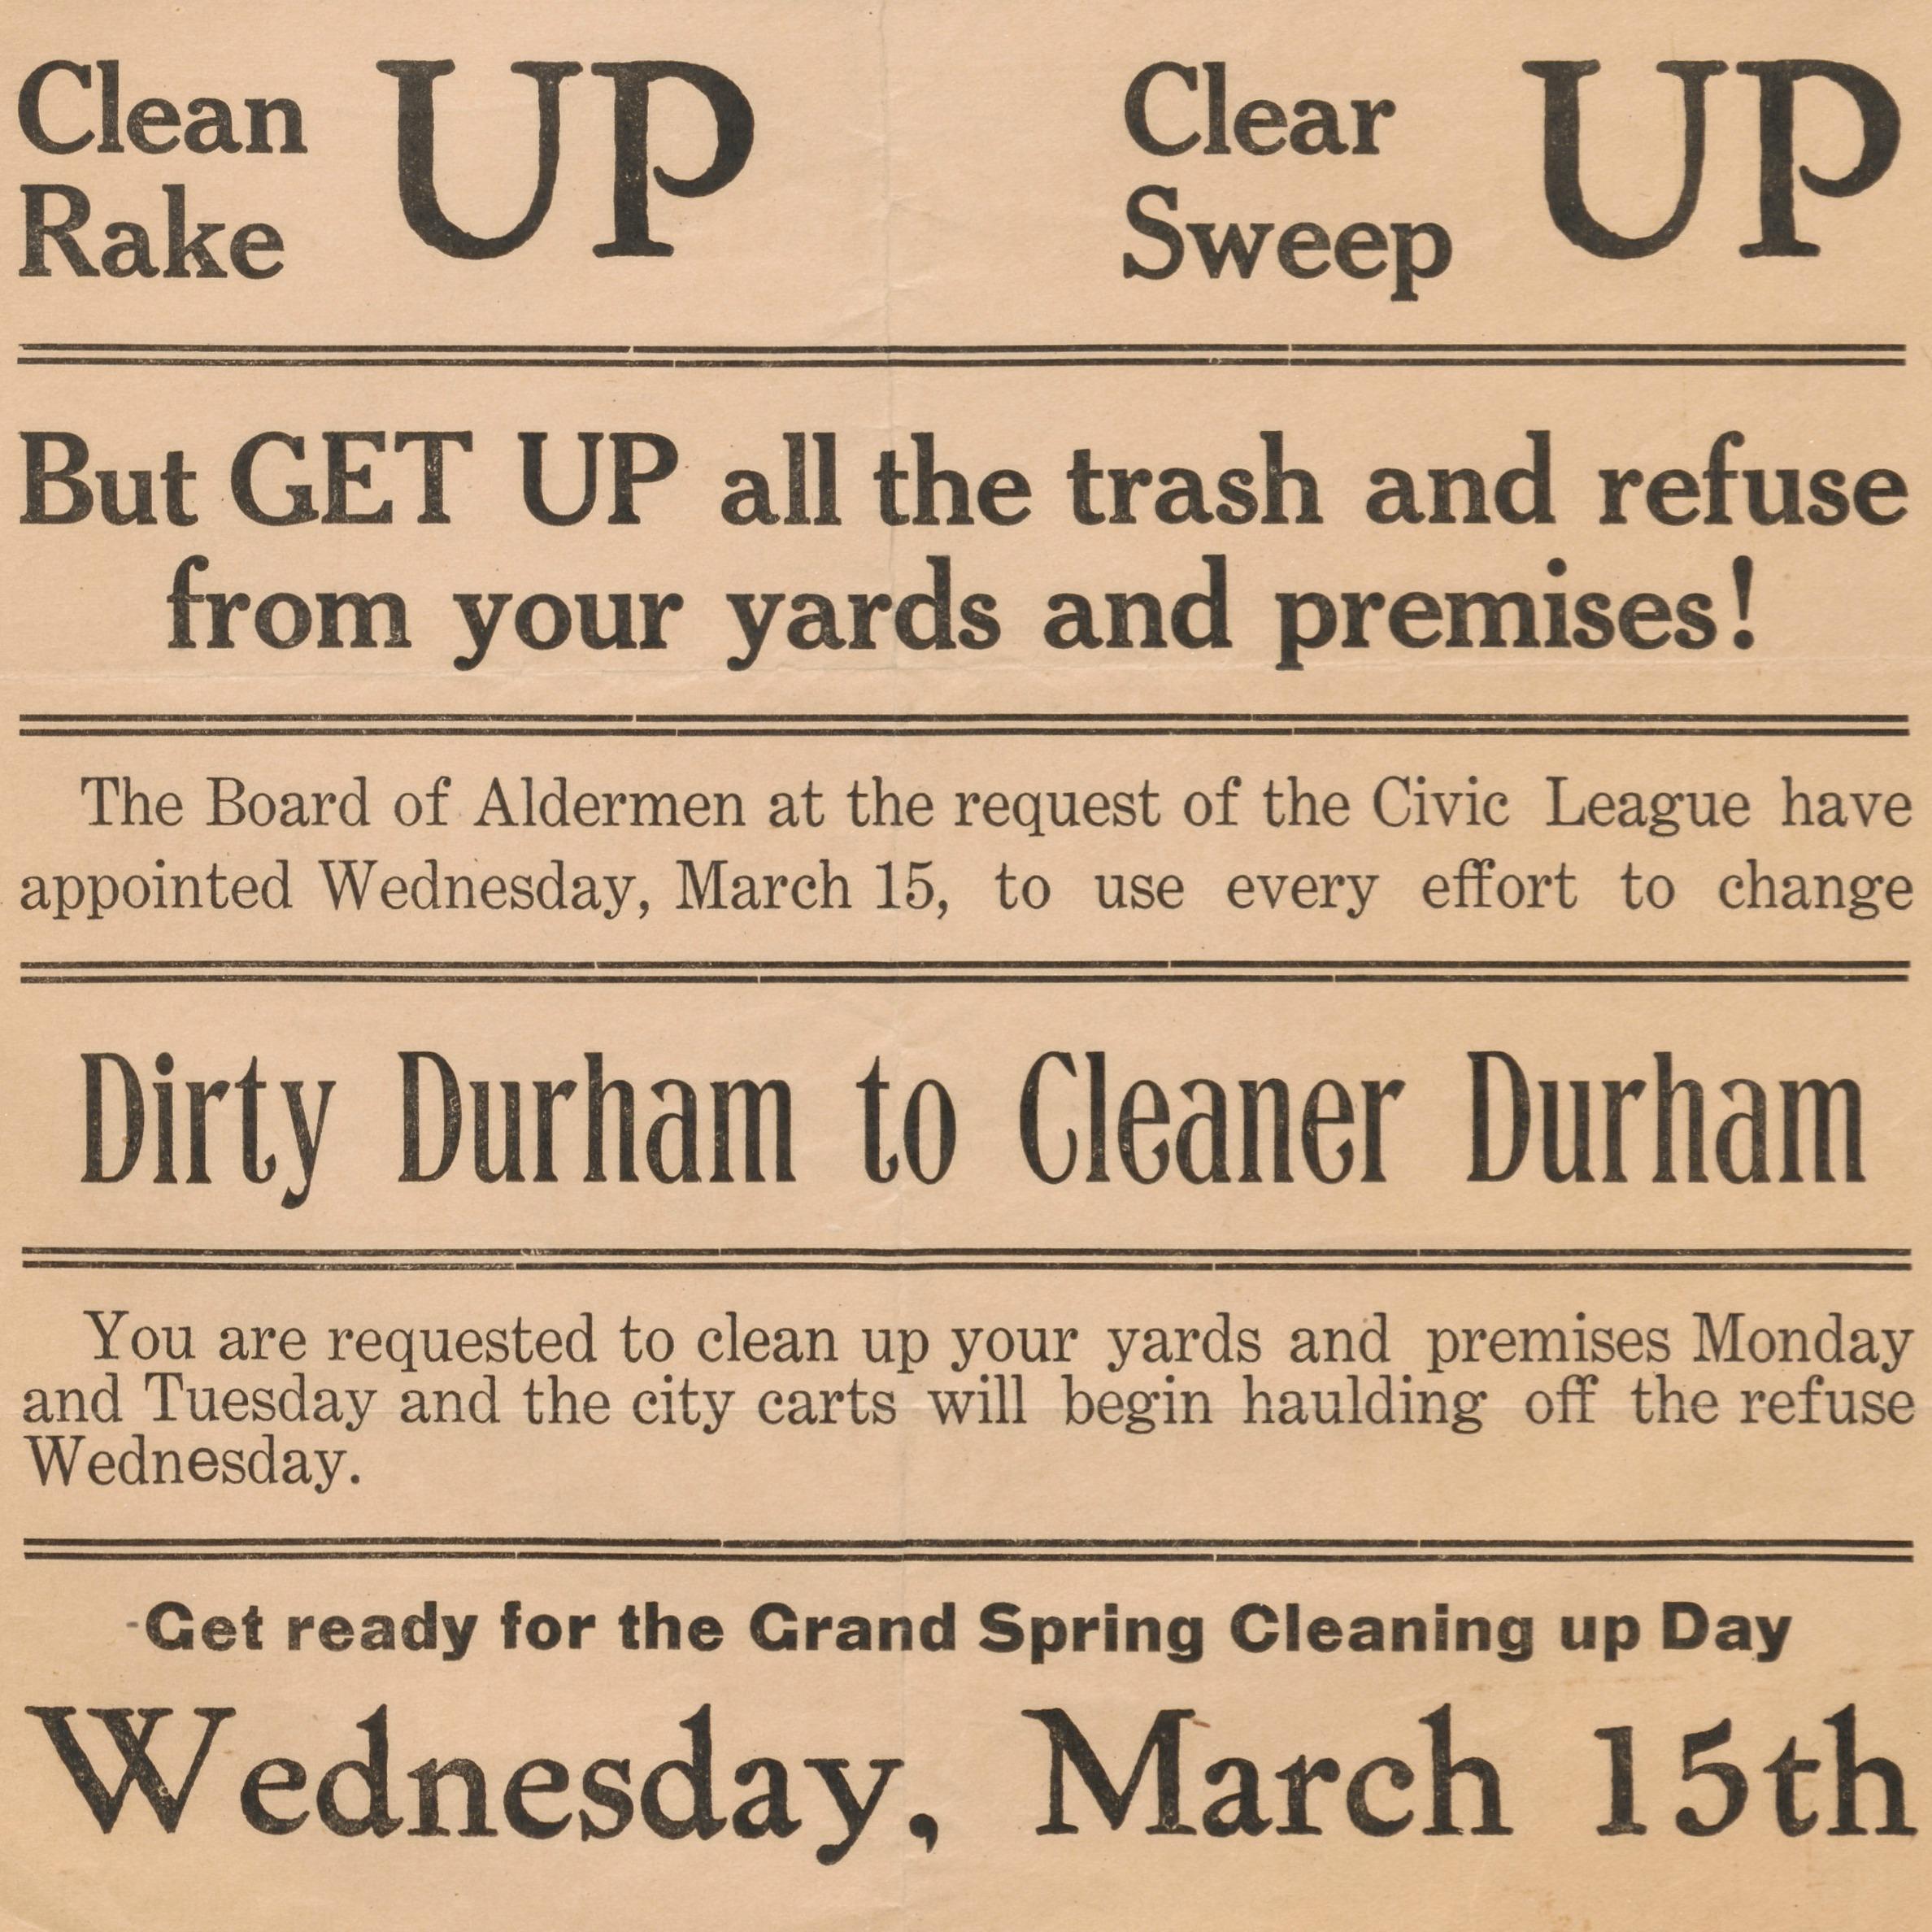 dirty durham - thumbnail